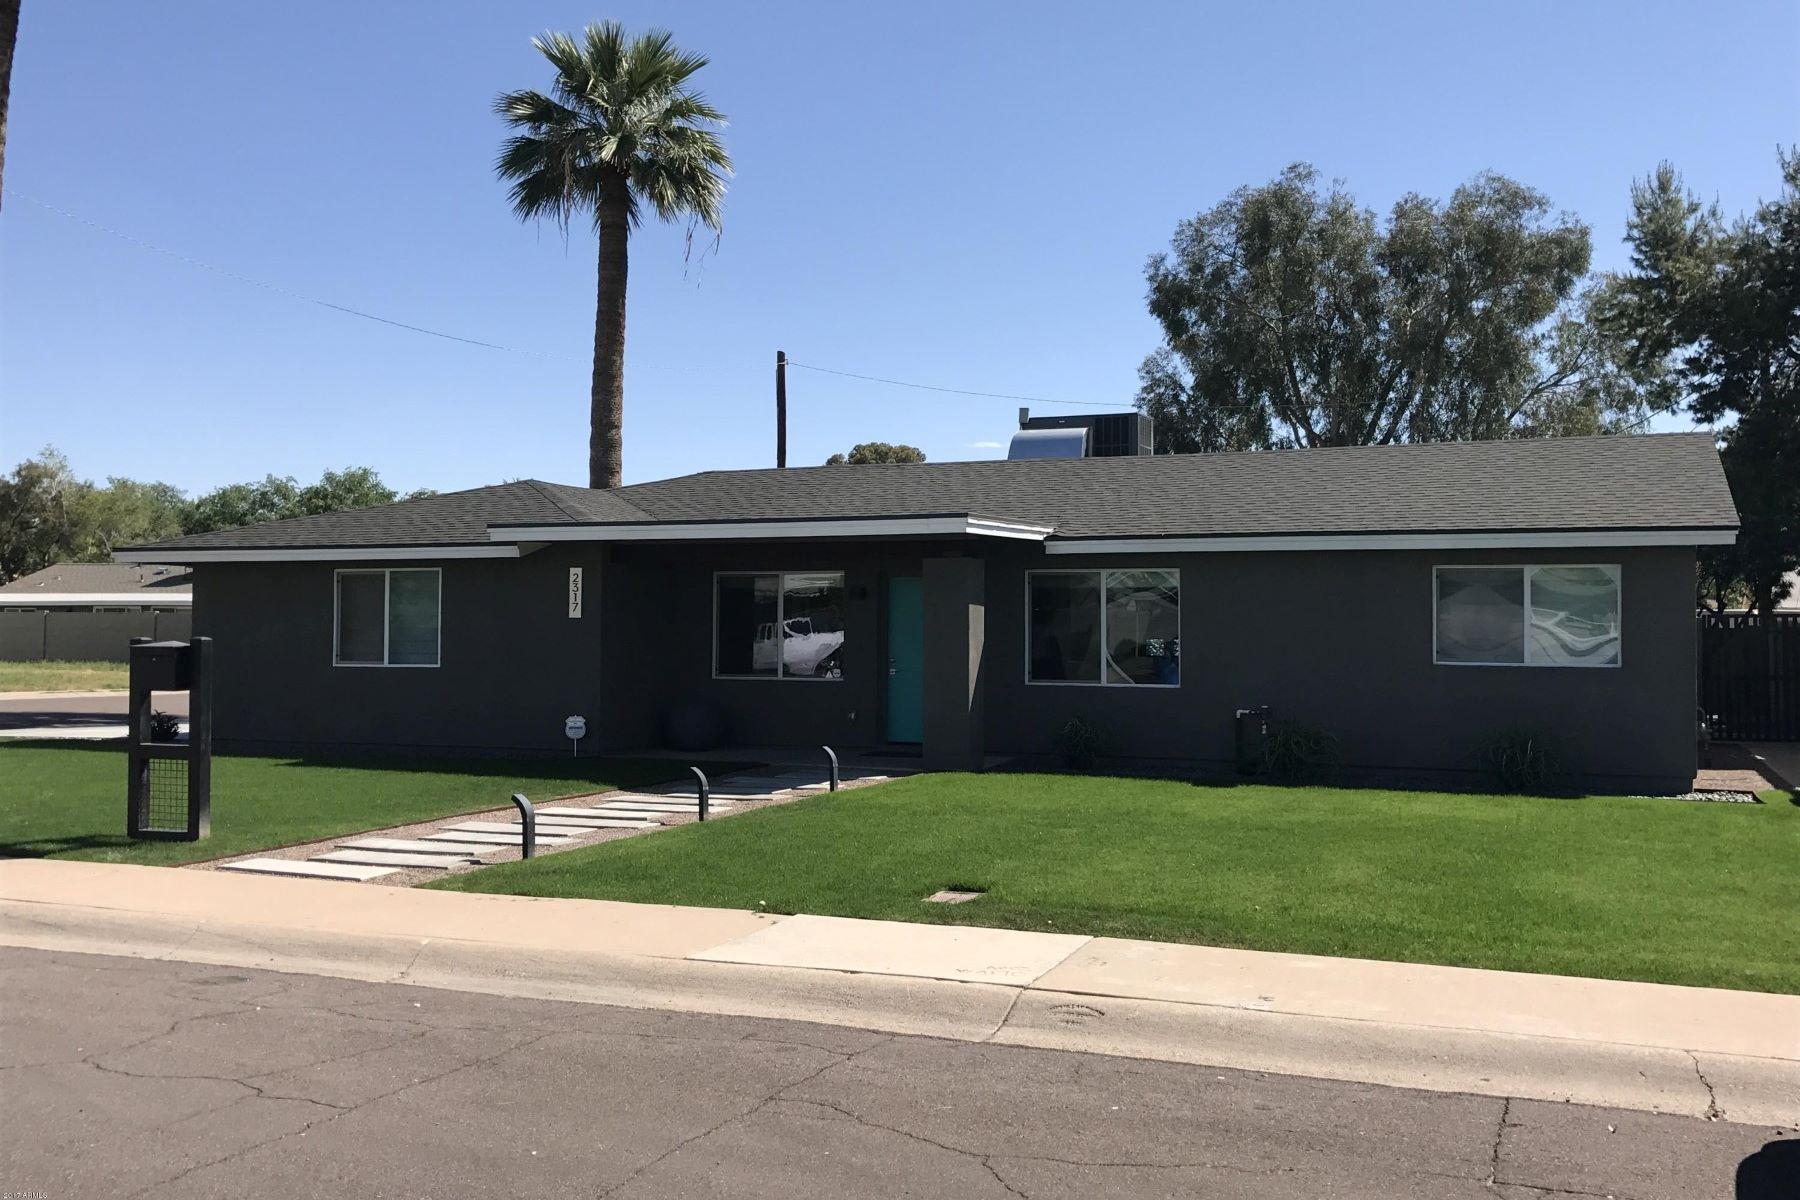 Частный односемейный дом для того Продажа на Beautiful single level home 2317 E Sells Dr Phoenix, Аризона, 85016 Соединенные Штаты